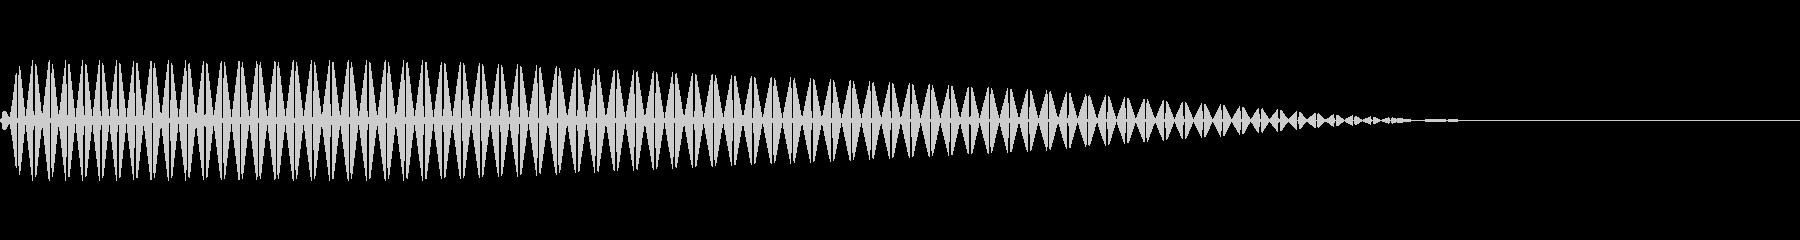 ピッ(ファミコンぽい決定/キャンセルの未再生の波形